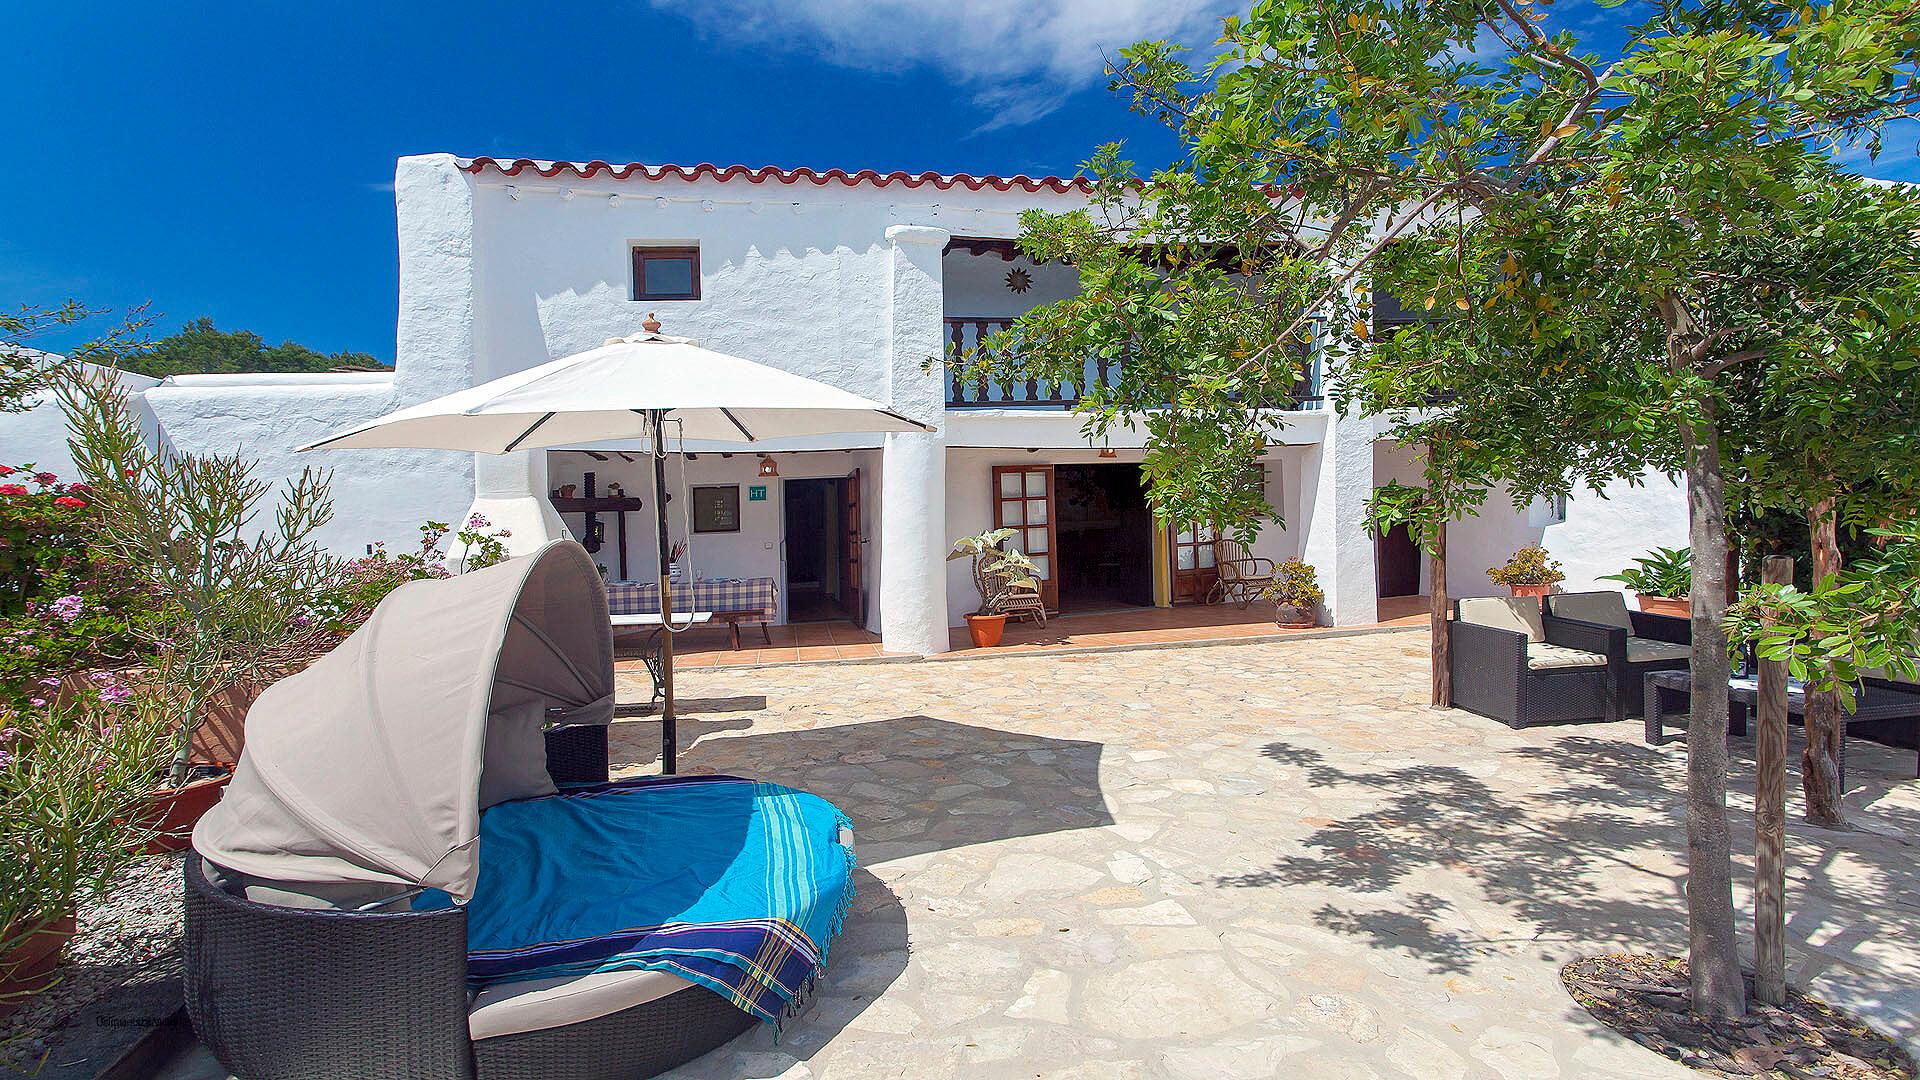 Cana Marina Ibiza 15 Santa Eulalia